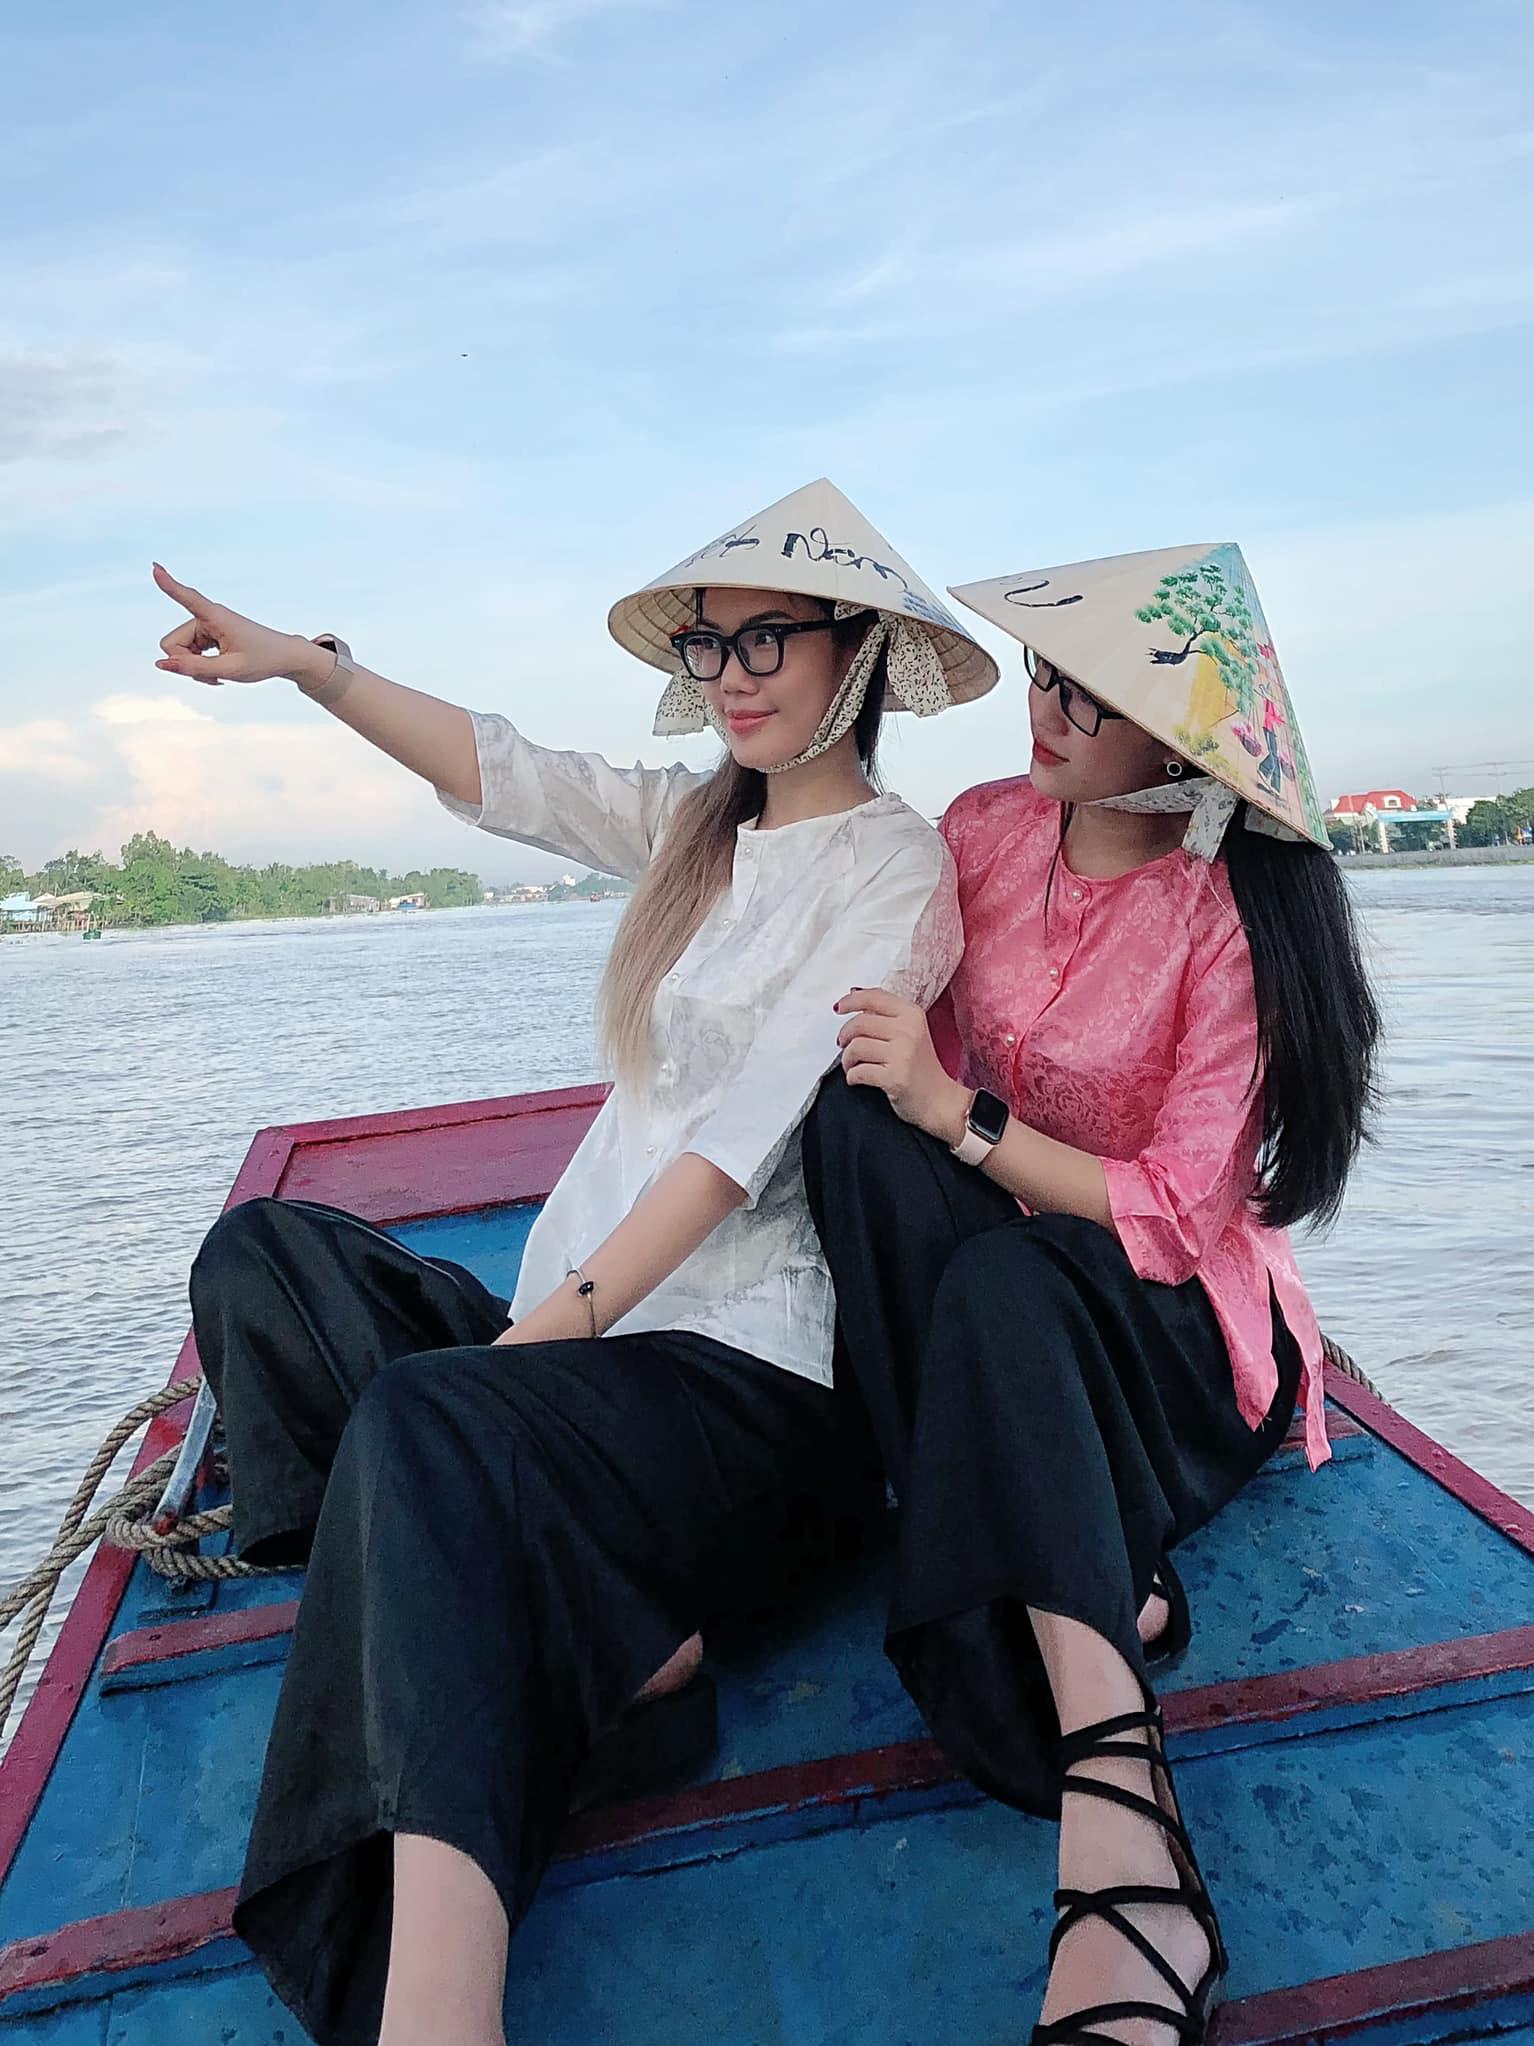 Nhan sắc nóng bỏng của mỹ nữ khiến cựu tuyển thủ U22 Việt Nam xin nghỉ thi đấu - Ảnh 8.